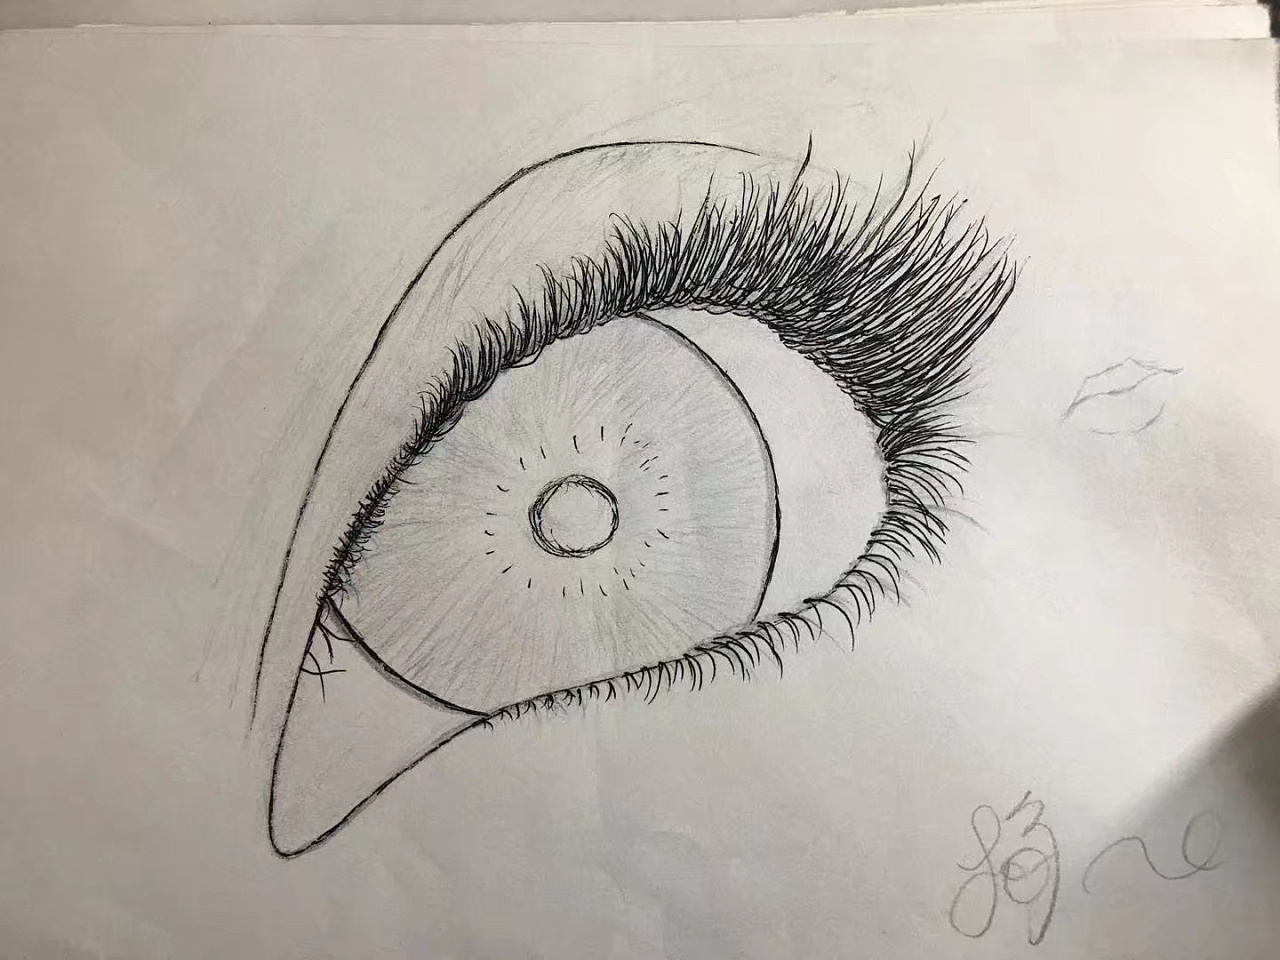 手绘|纯艺术|彩铅|a菊菊是个小太阳 - 原创作品